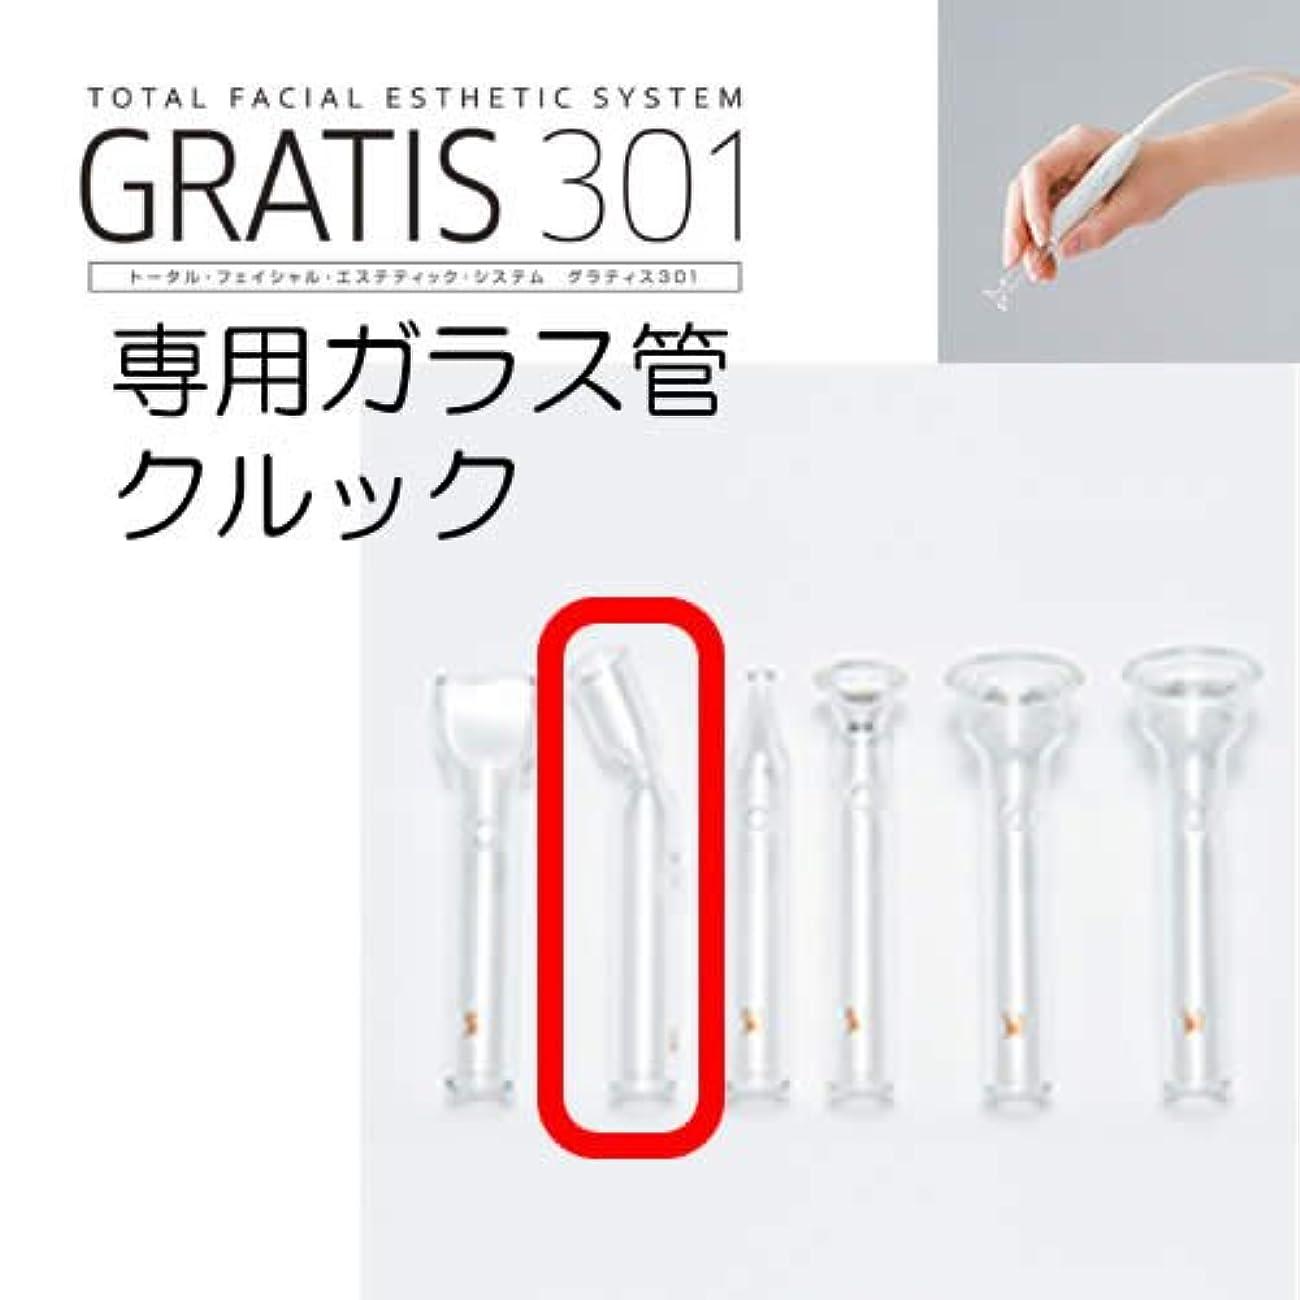 妻マンハッタンプールGRATIS 301(グラティス301)専用ガラス管 クルック(2本セット)